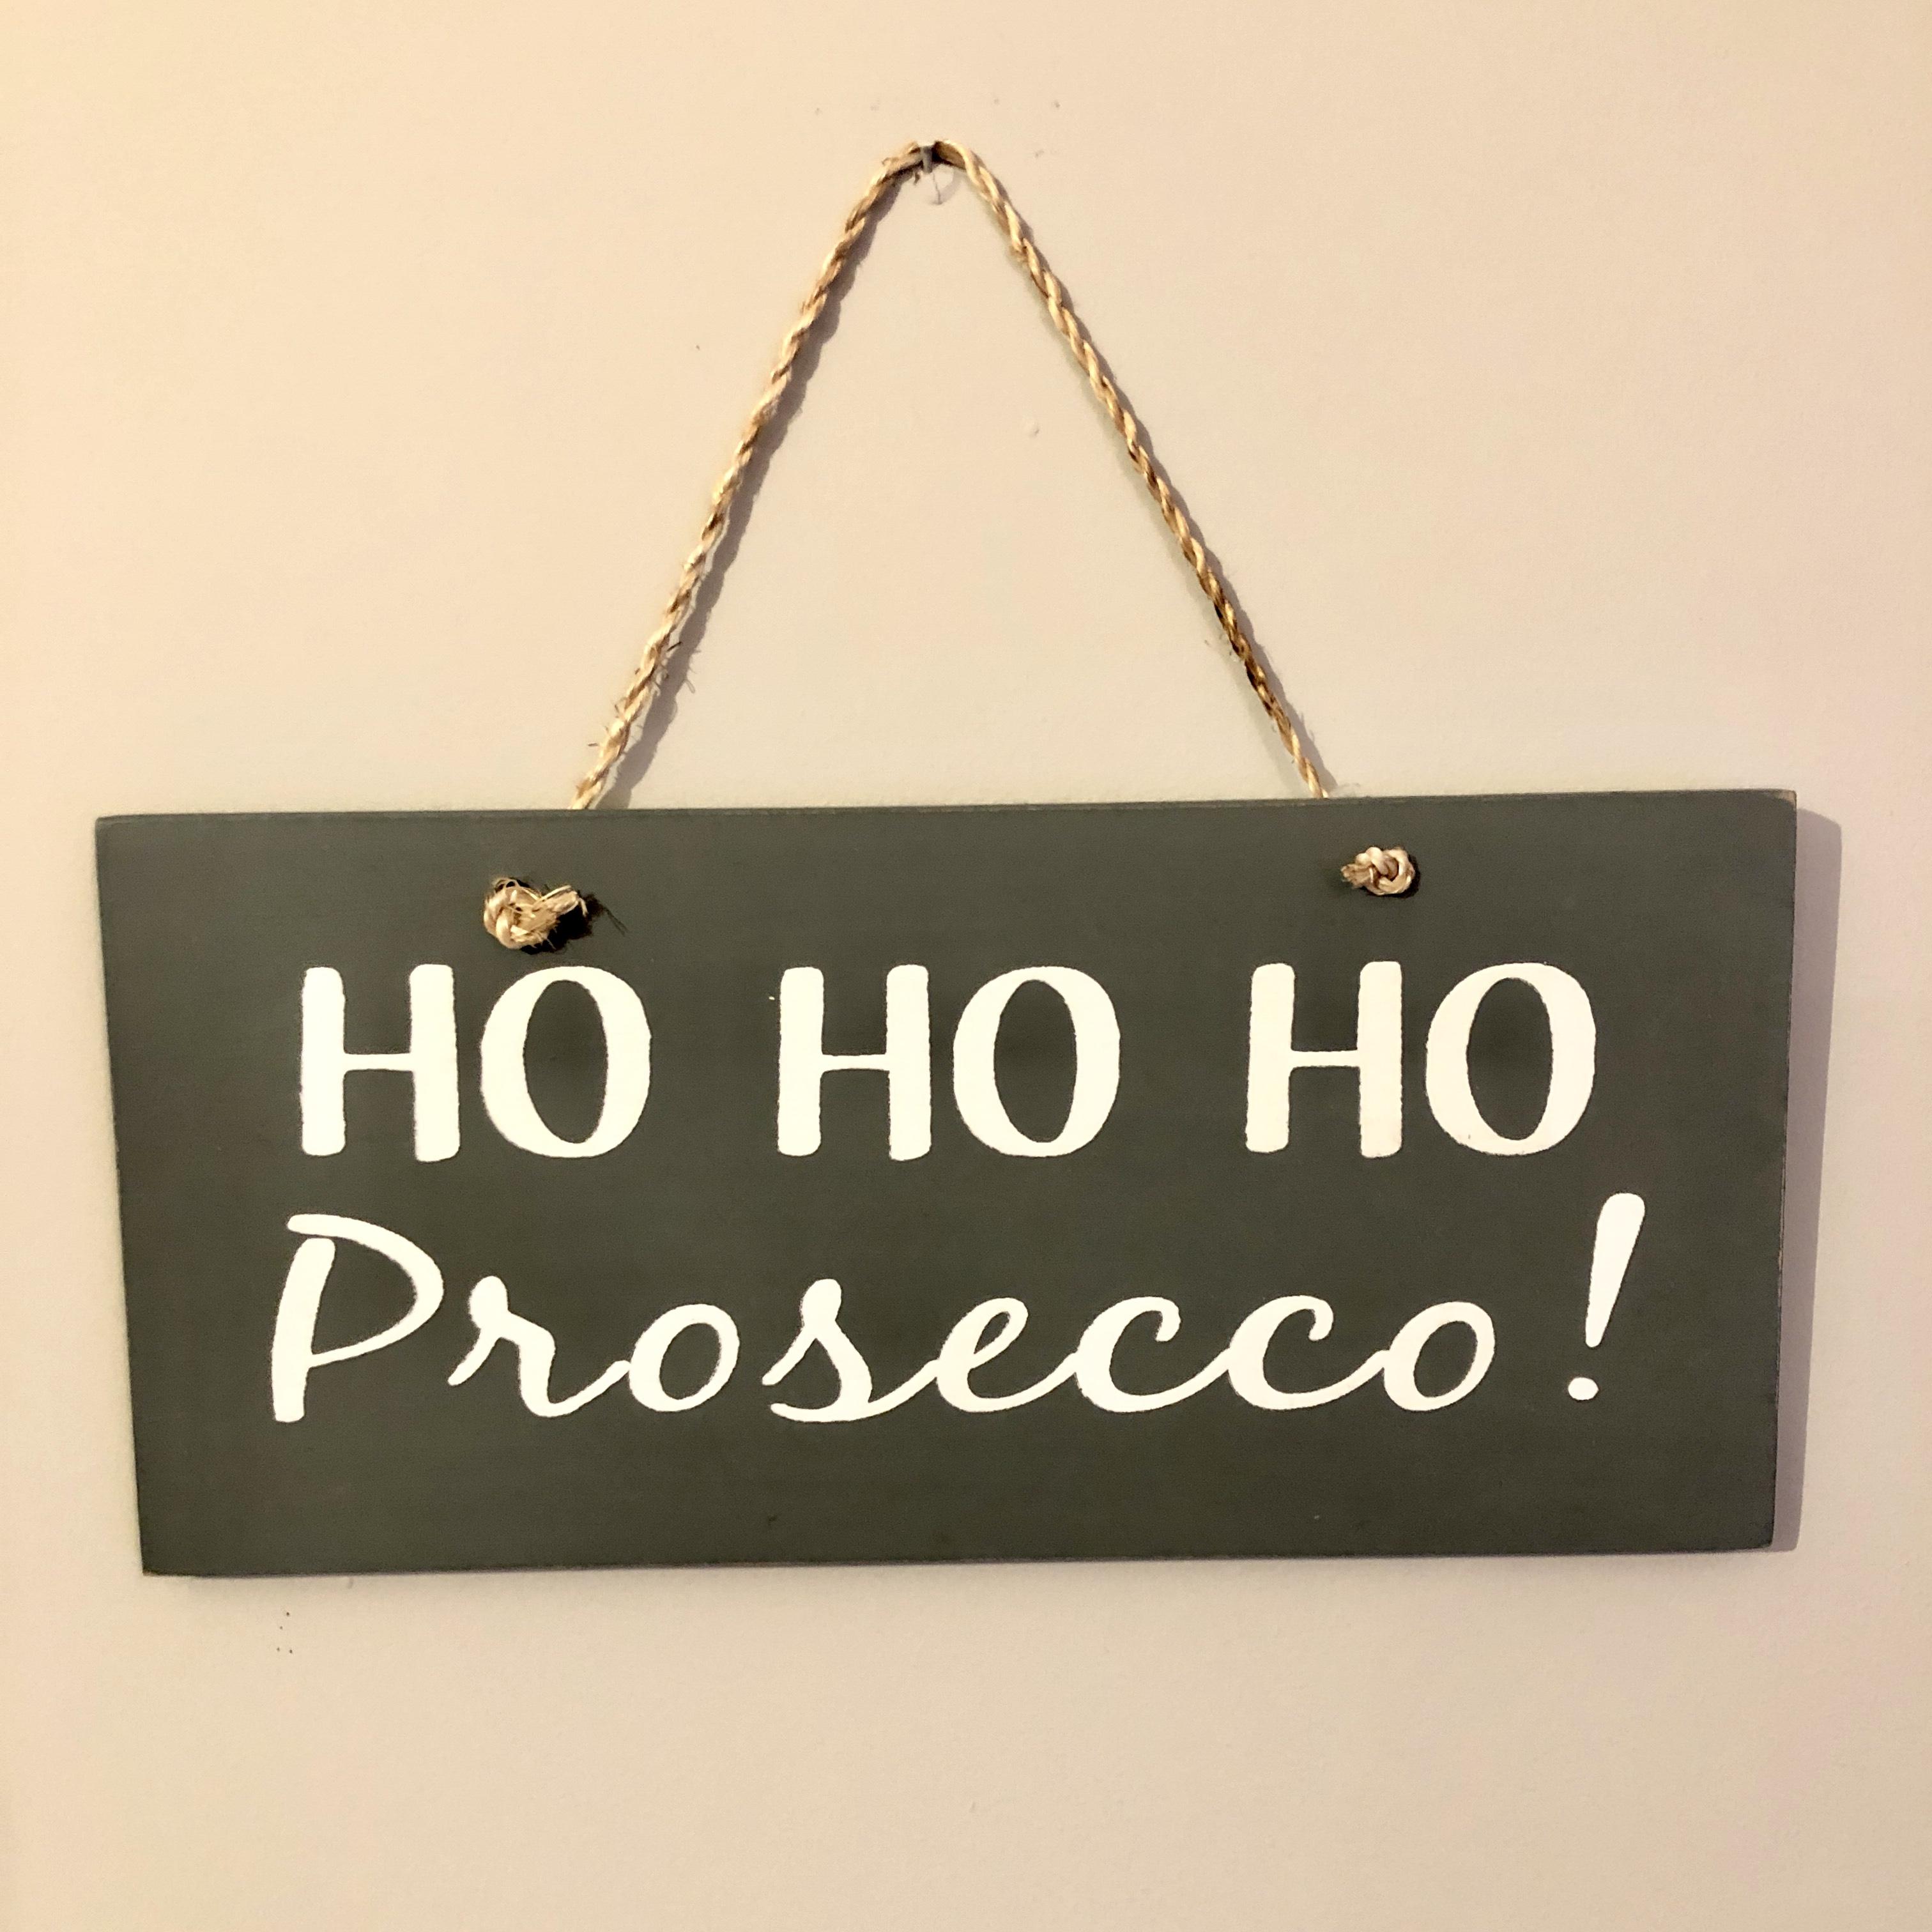 Ho ho ho Prosecco. Hanging Christmas sign by shoeless joe